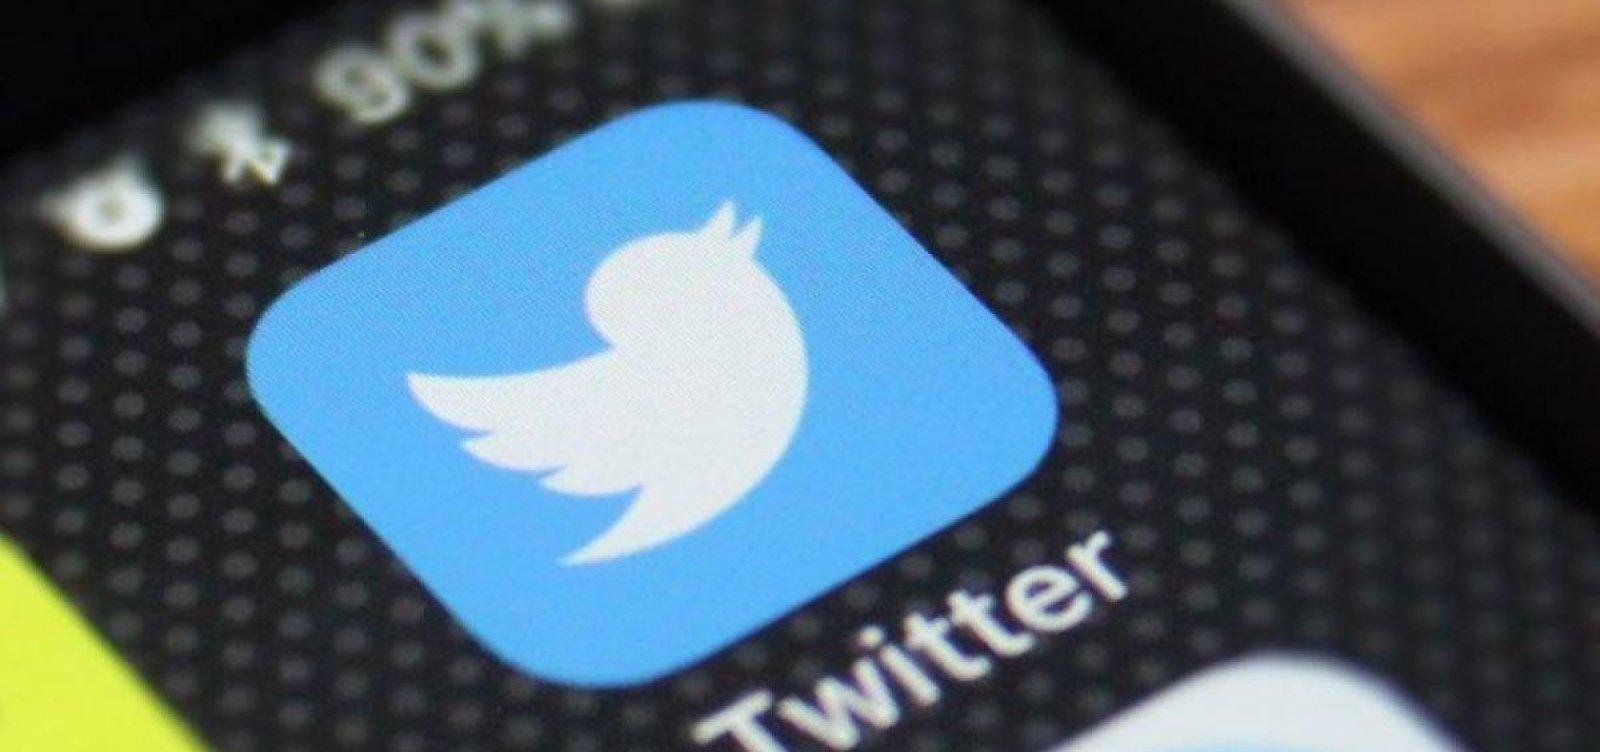 [Robôs bolsonaristas têm queda no Twitter depois de ação na PF]